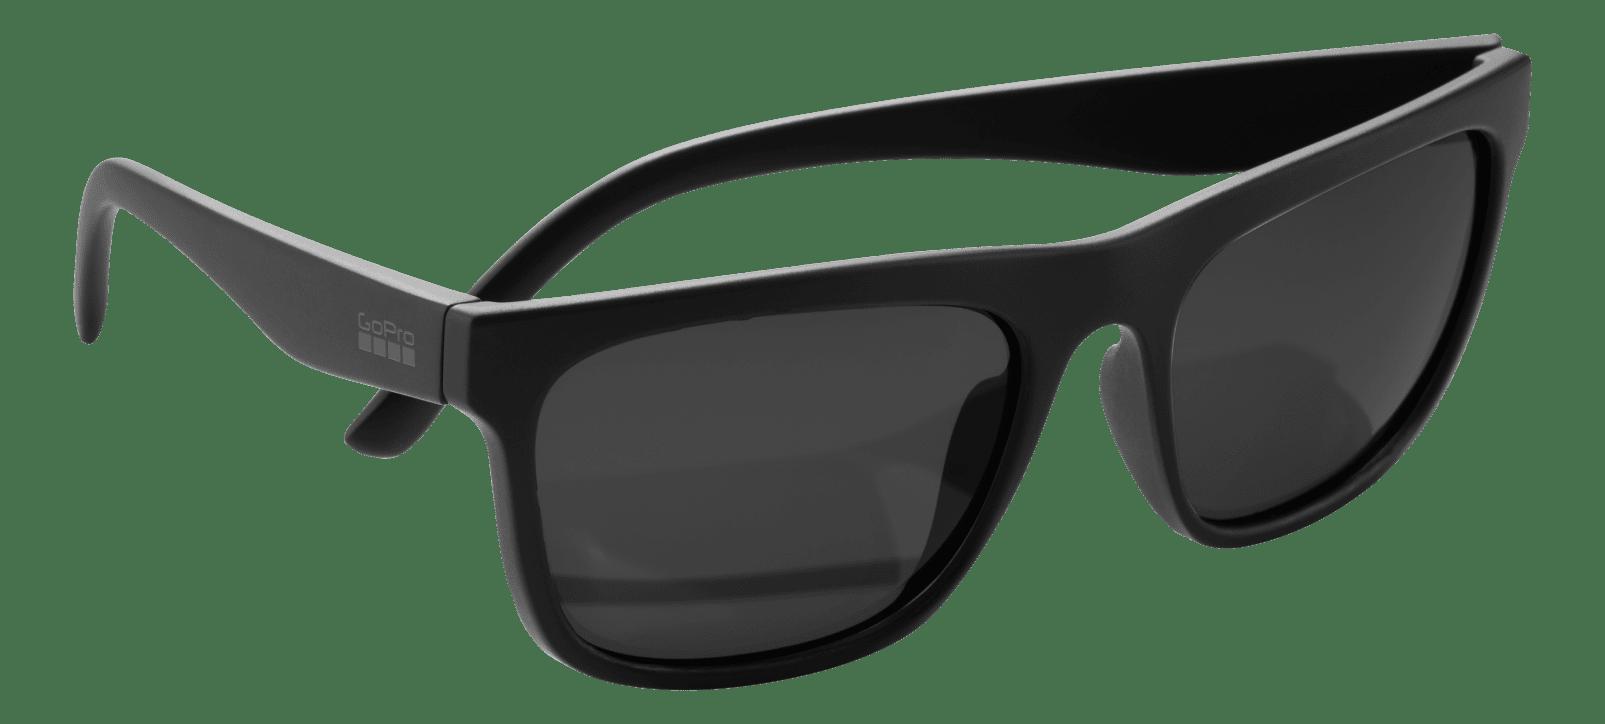 Mezcal Polarized Floating Sunglasses-front-image